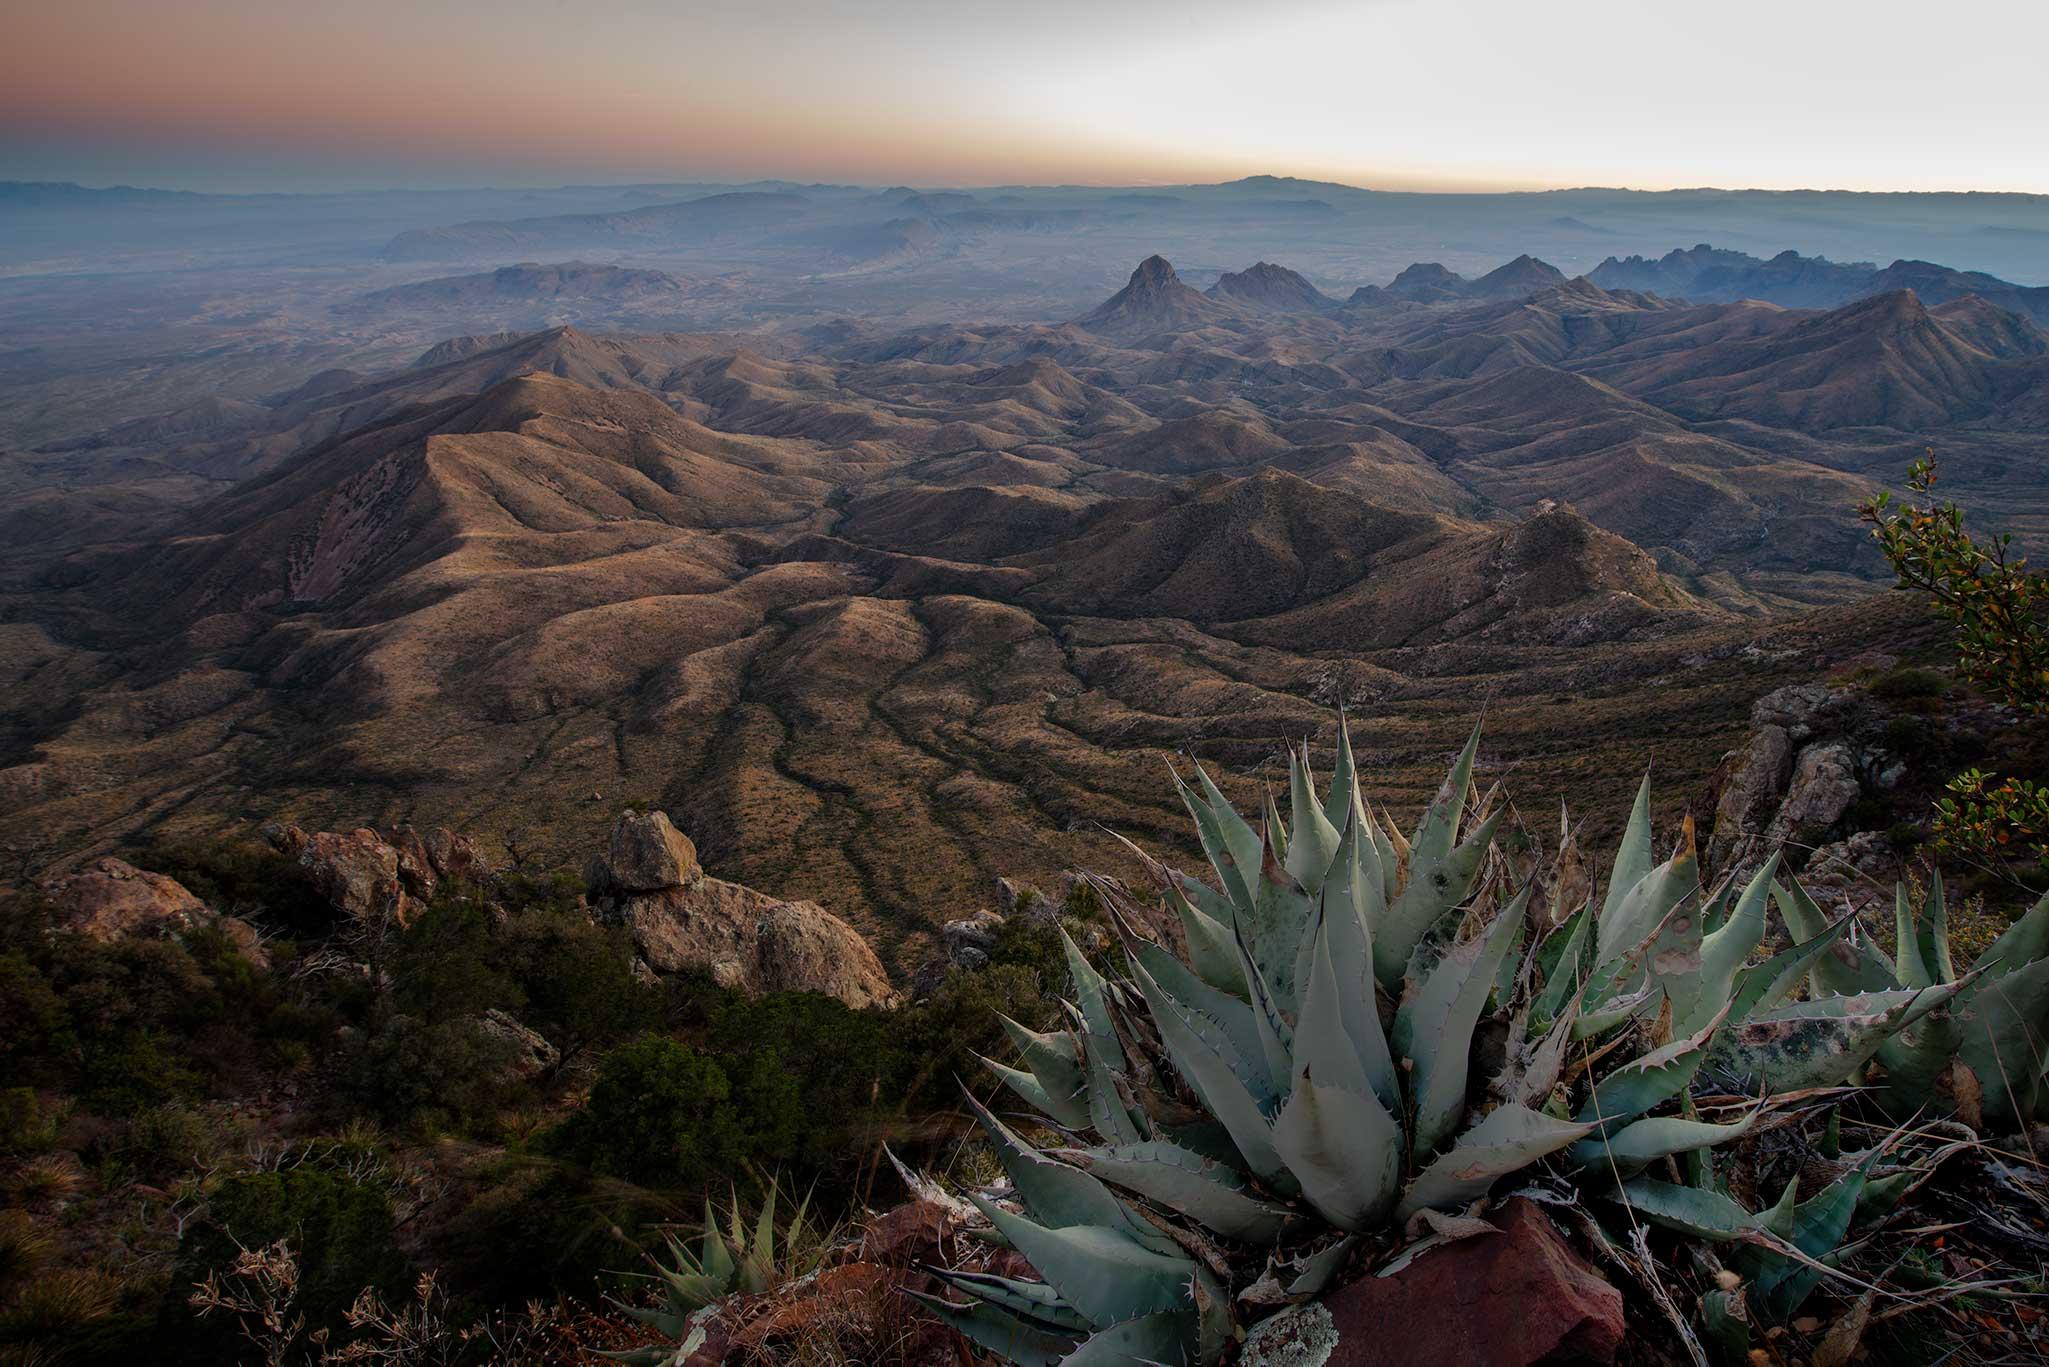 Obra de Pablo Fregoso, fotografo de paisaje mexicano. Desierto de chihuahua desde las montañas chisos en big bend national park texas